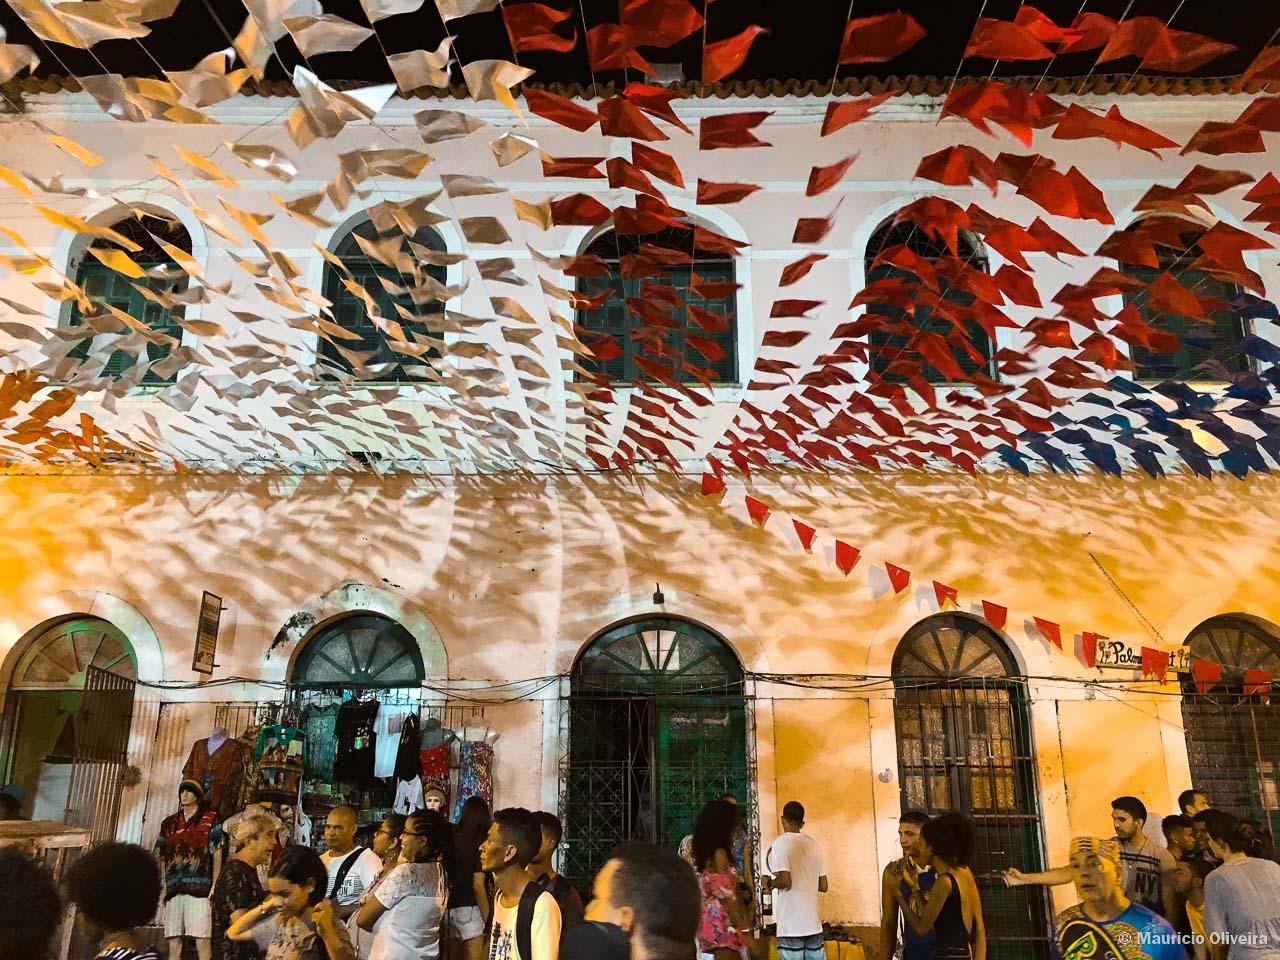 Festas juninas aquecem o centro histórico de São Luís do Maranhão